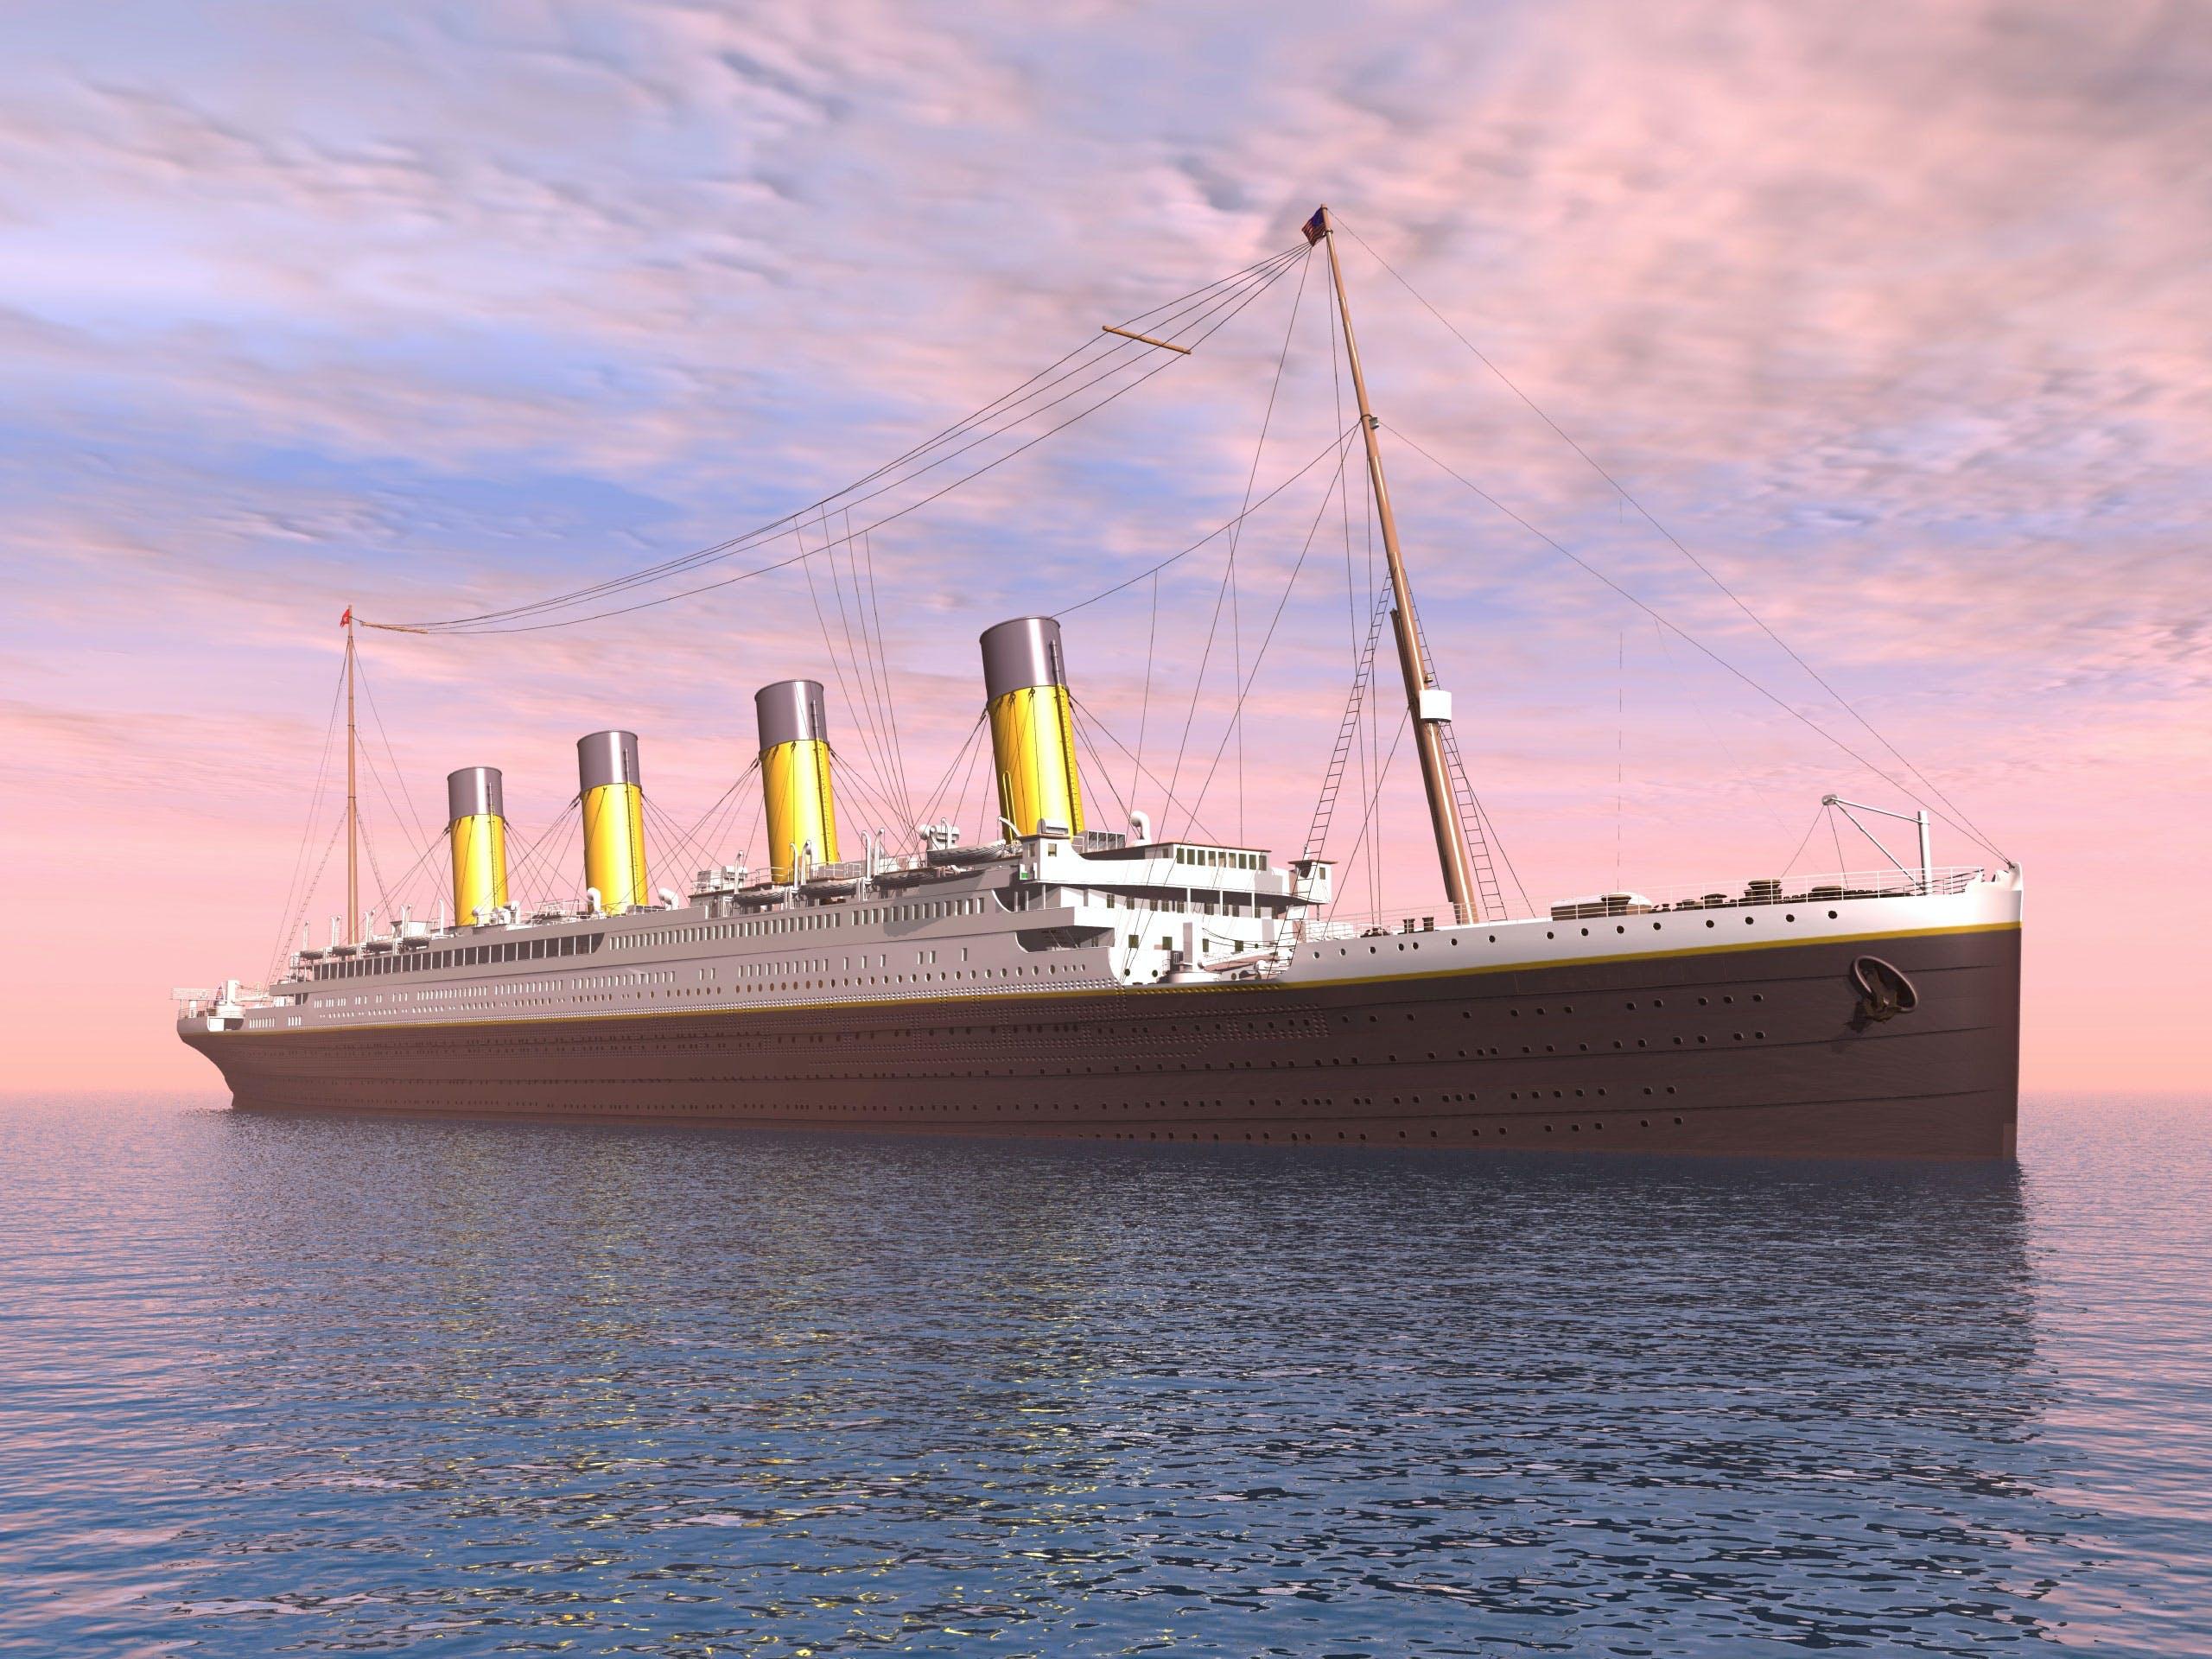 Titanic 2 bliver bygget og søsat som nøjagtig kopi af Titanic 1 i 2018.